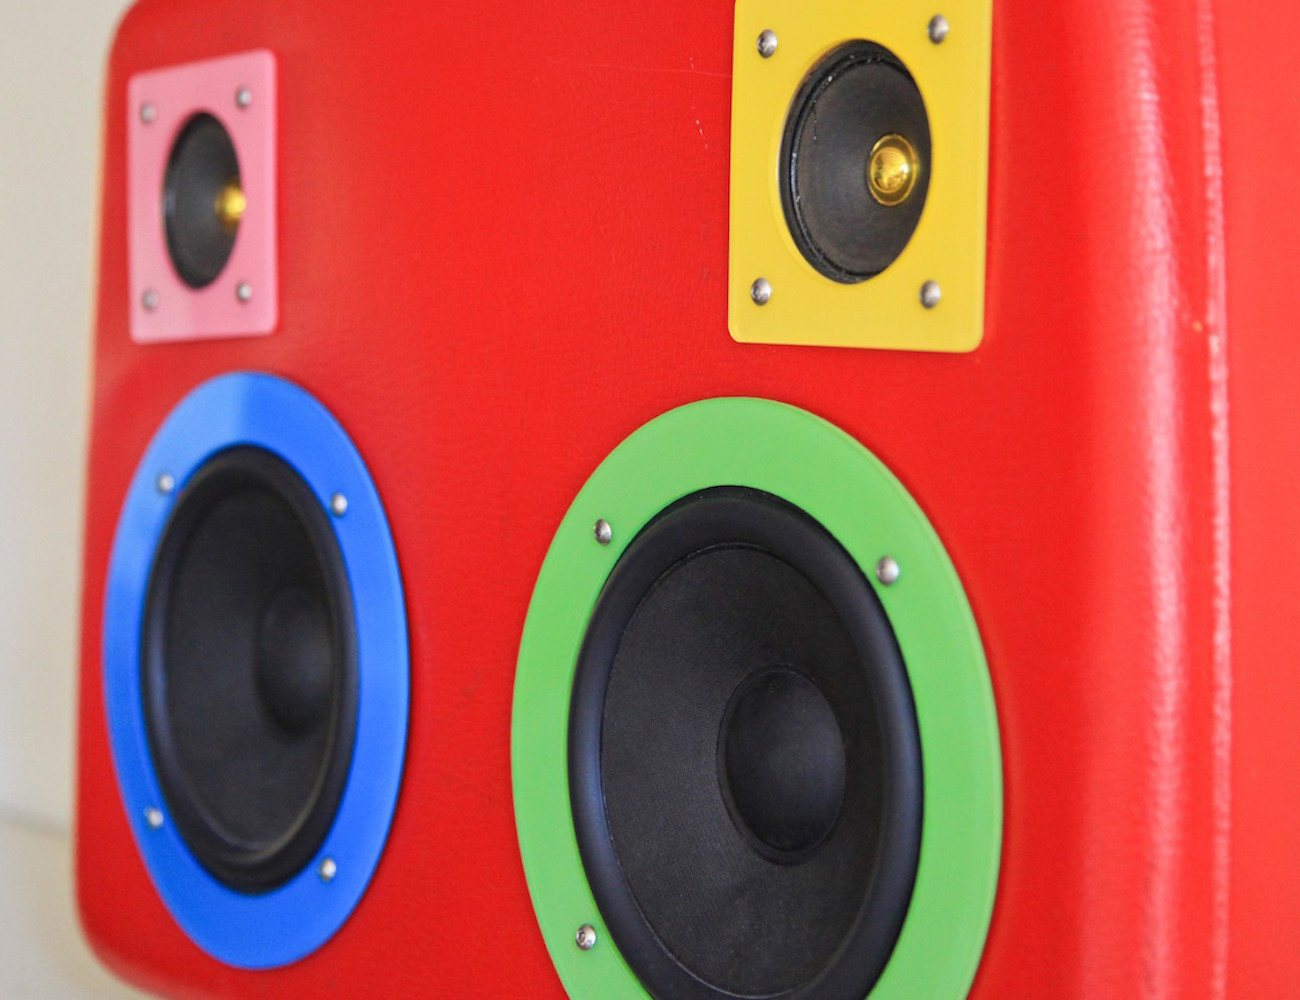 boombox-music-speaker-suitcase-02